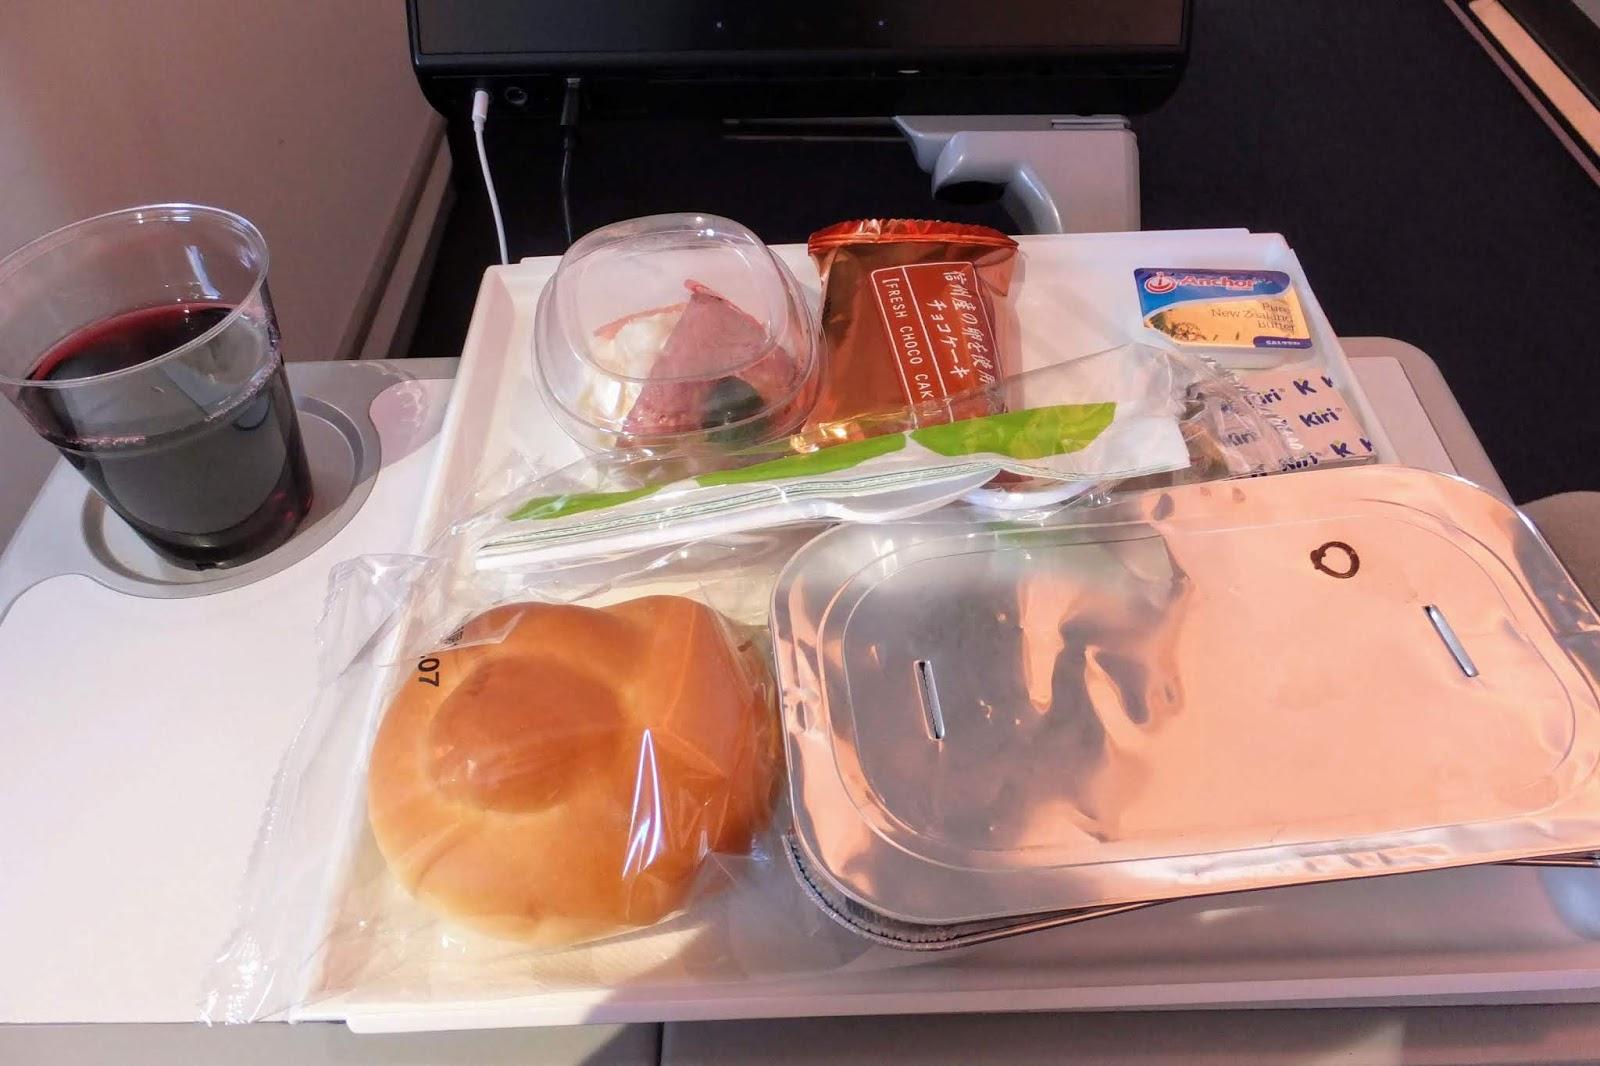 FINAIR A350-900 flight meal no.1